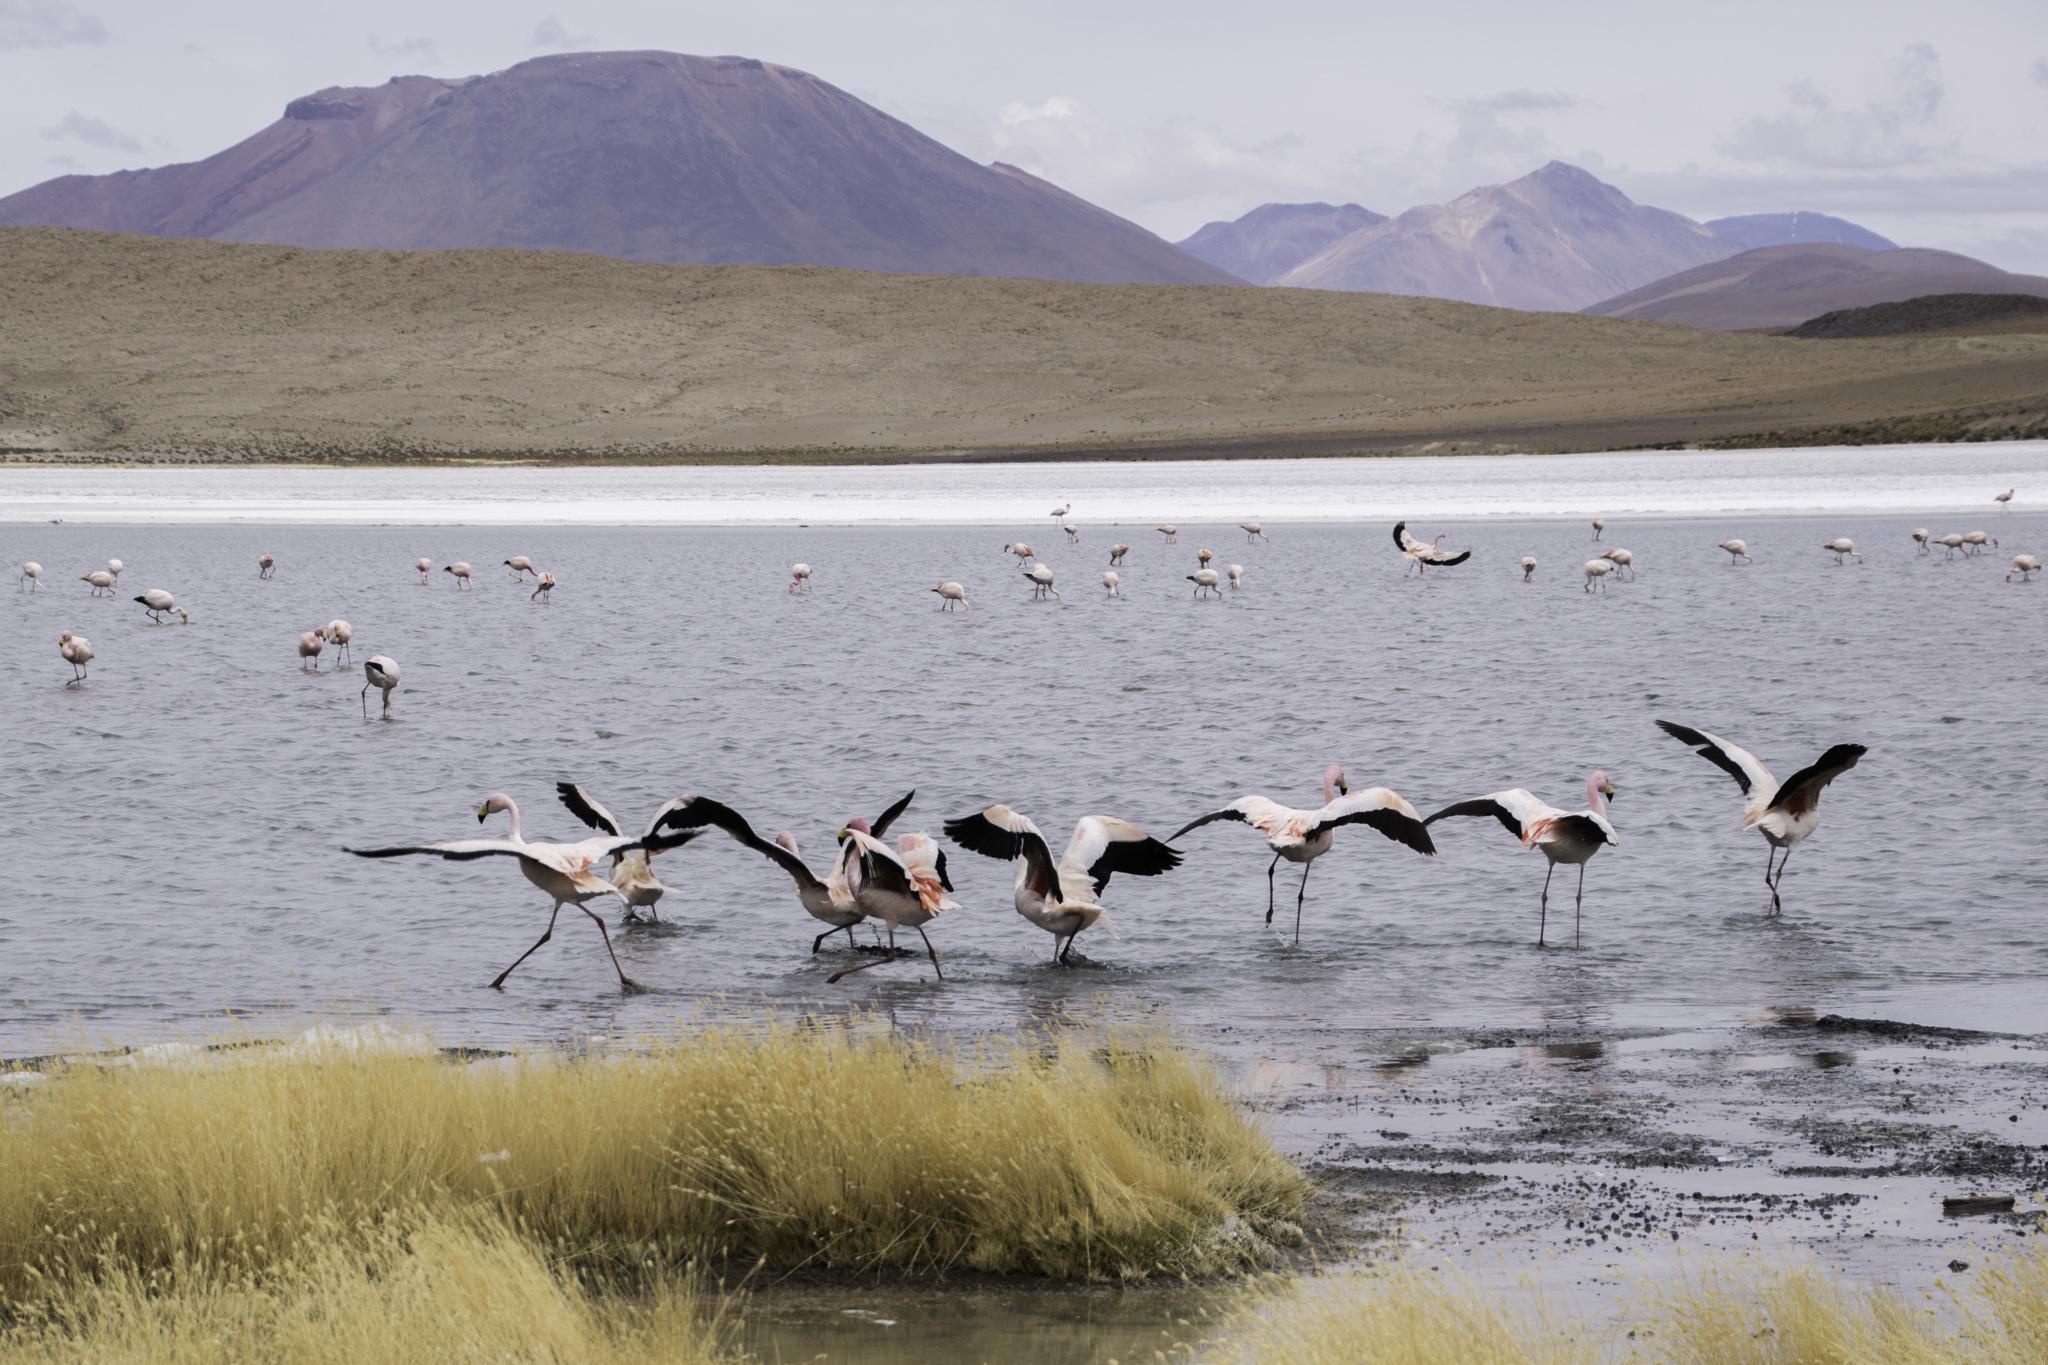 Anden-Flamingos bei den Lagunen